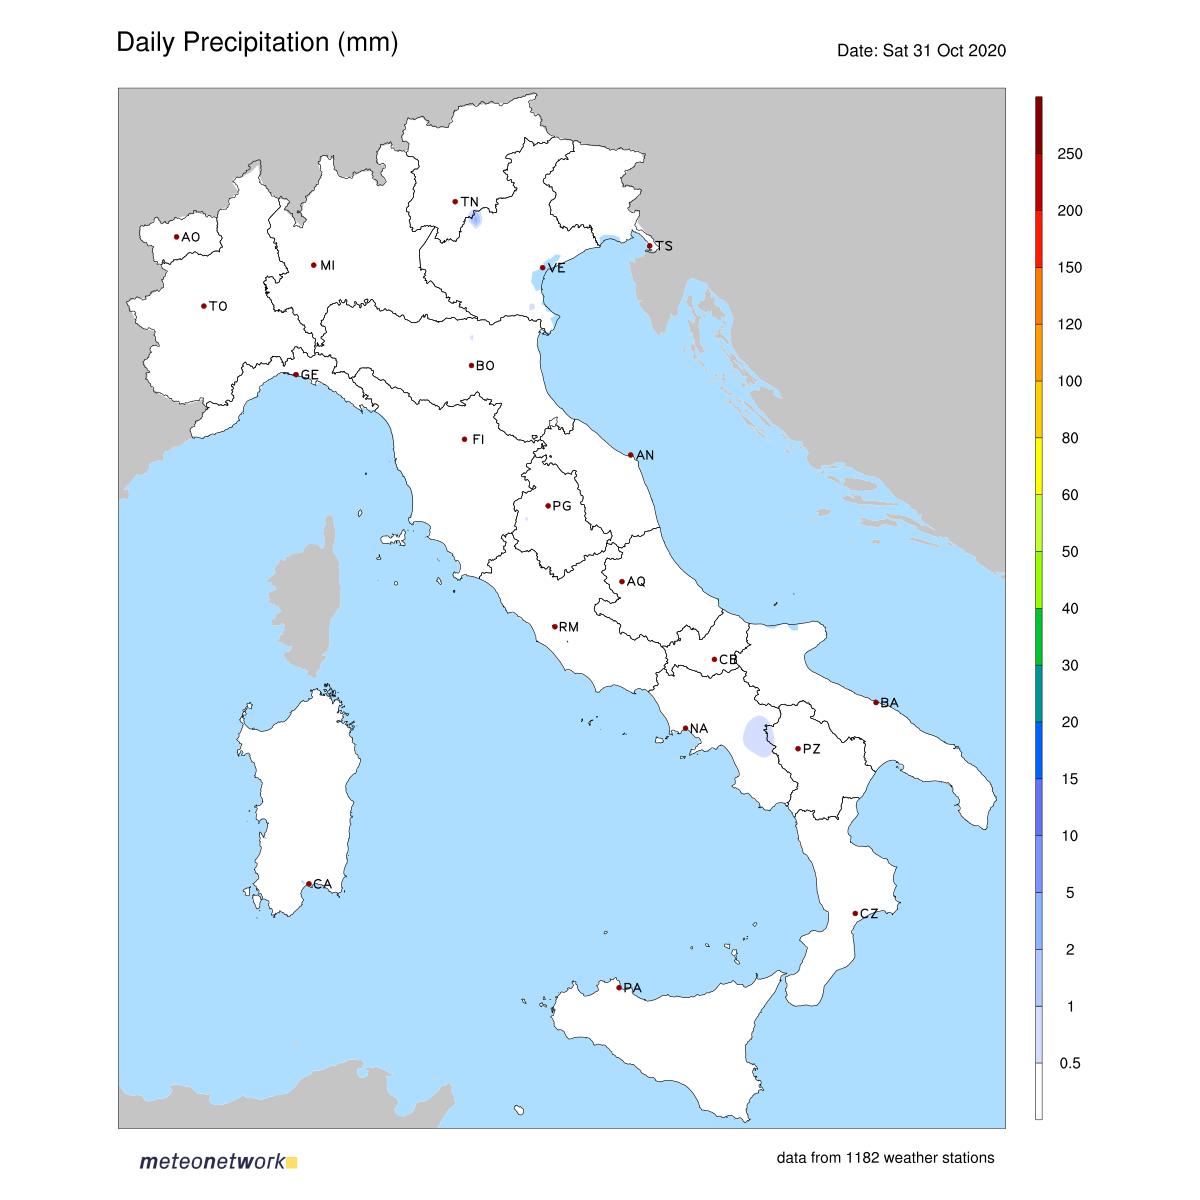 Dati Meteo 2020-10-31 prec_italia